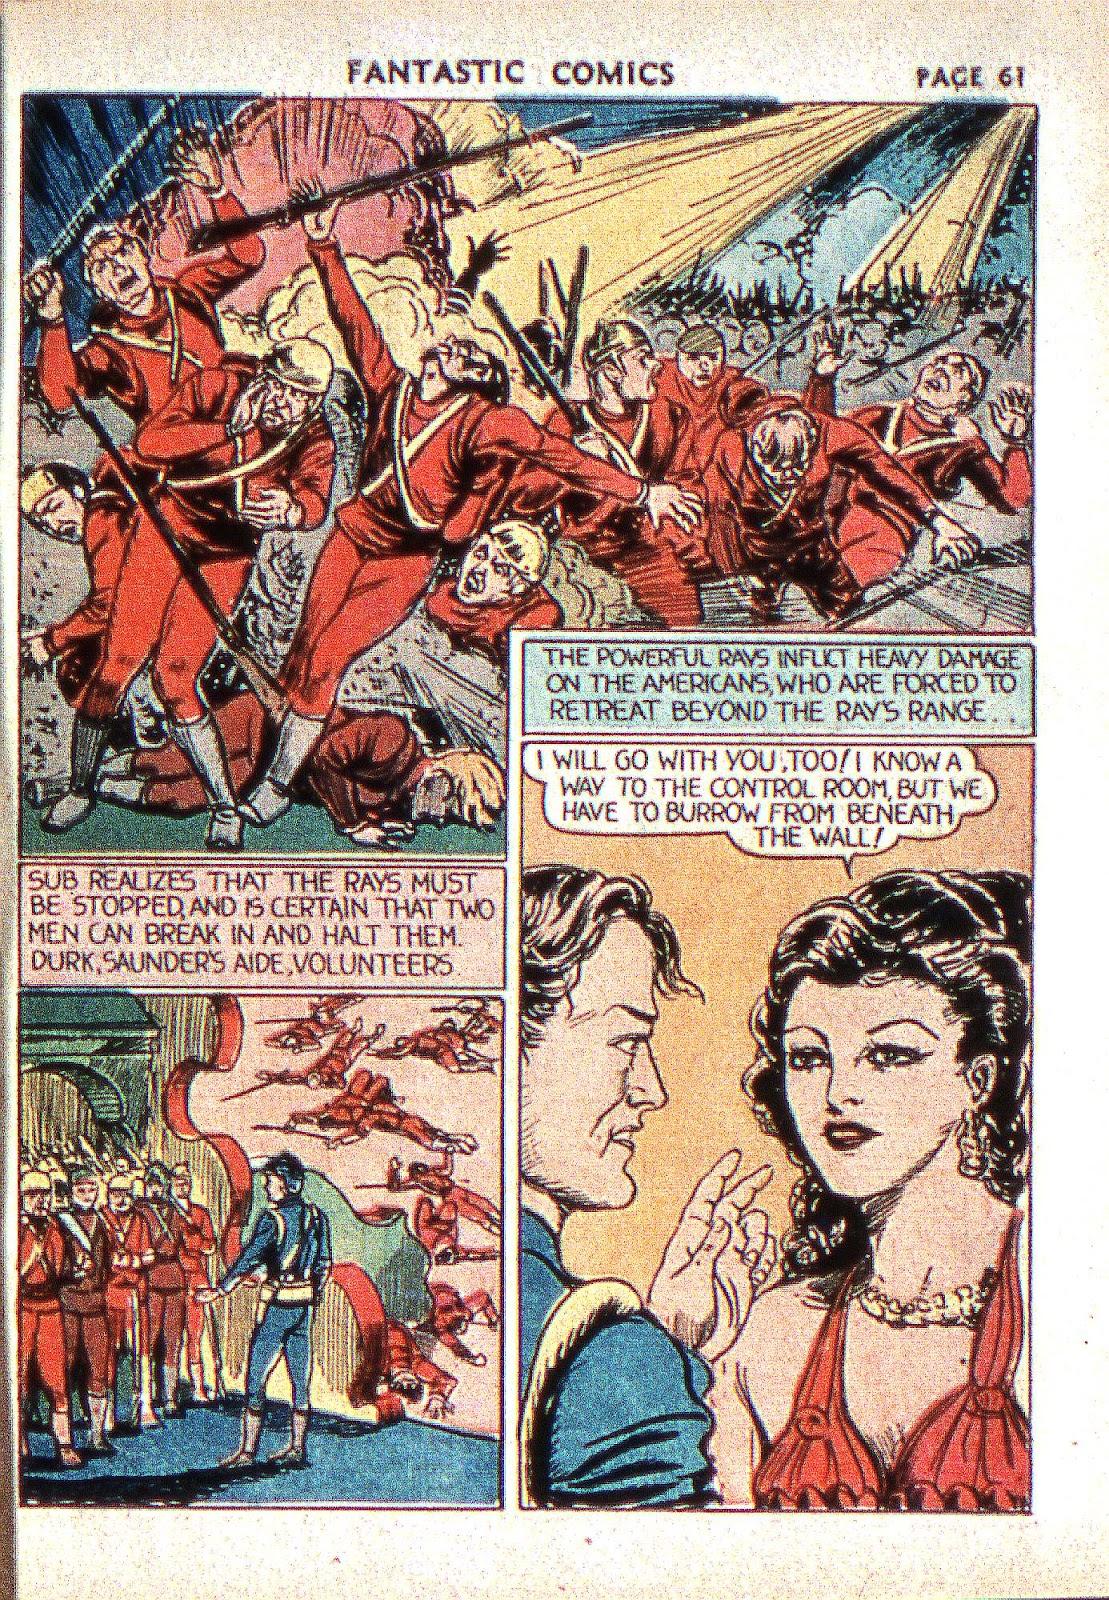 Read online Fantastic Comics comic -  Issue #2 - 62